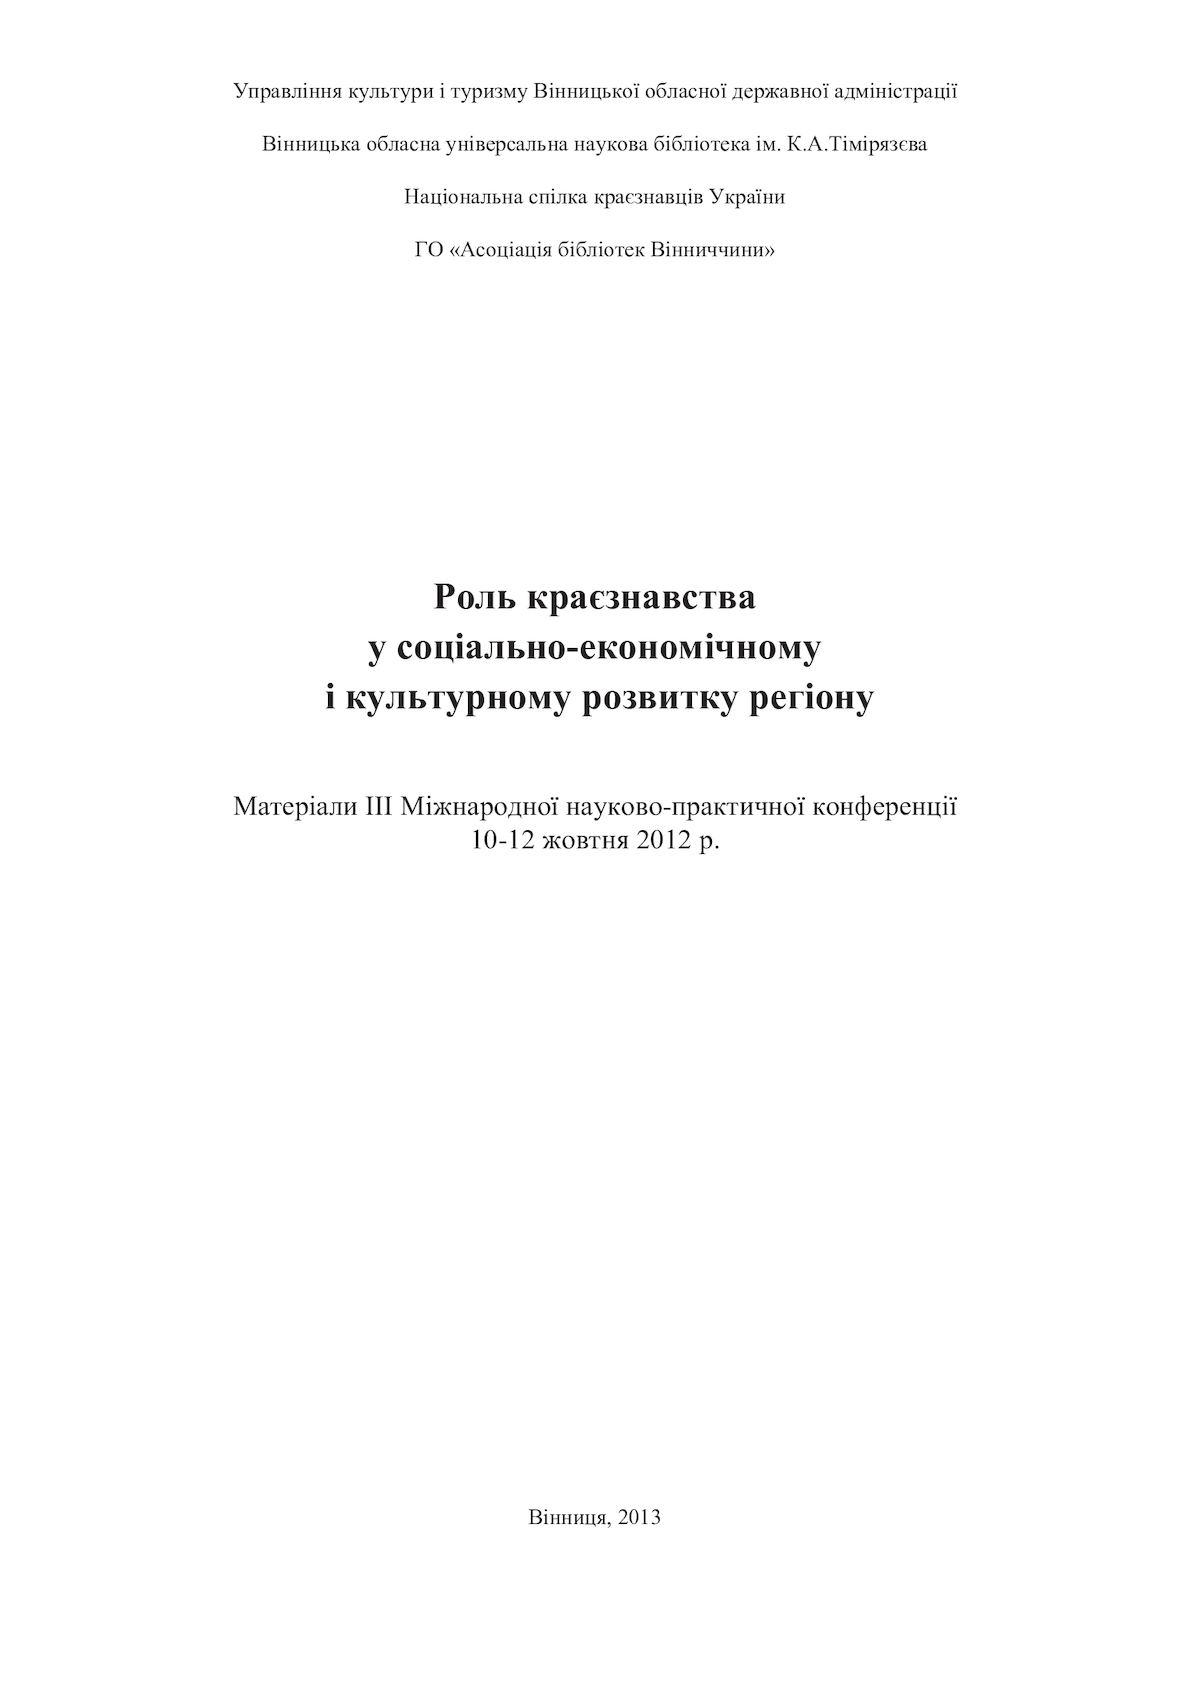 Calaméo - Роль краєзнавства у соціально-економічному і культурному розвитку  регіону d2ae51bb15f6a